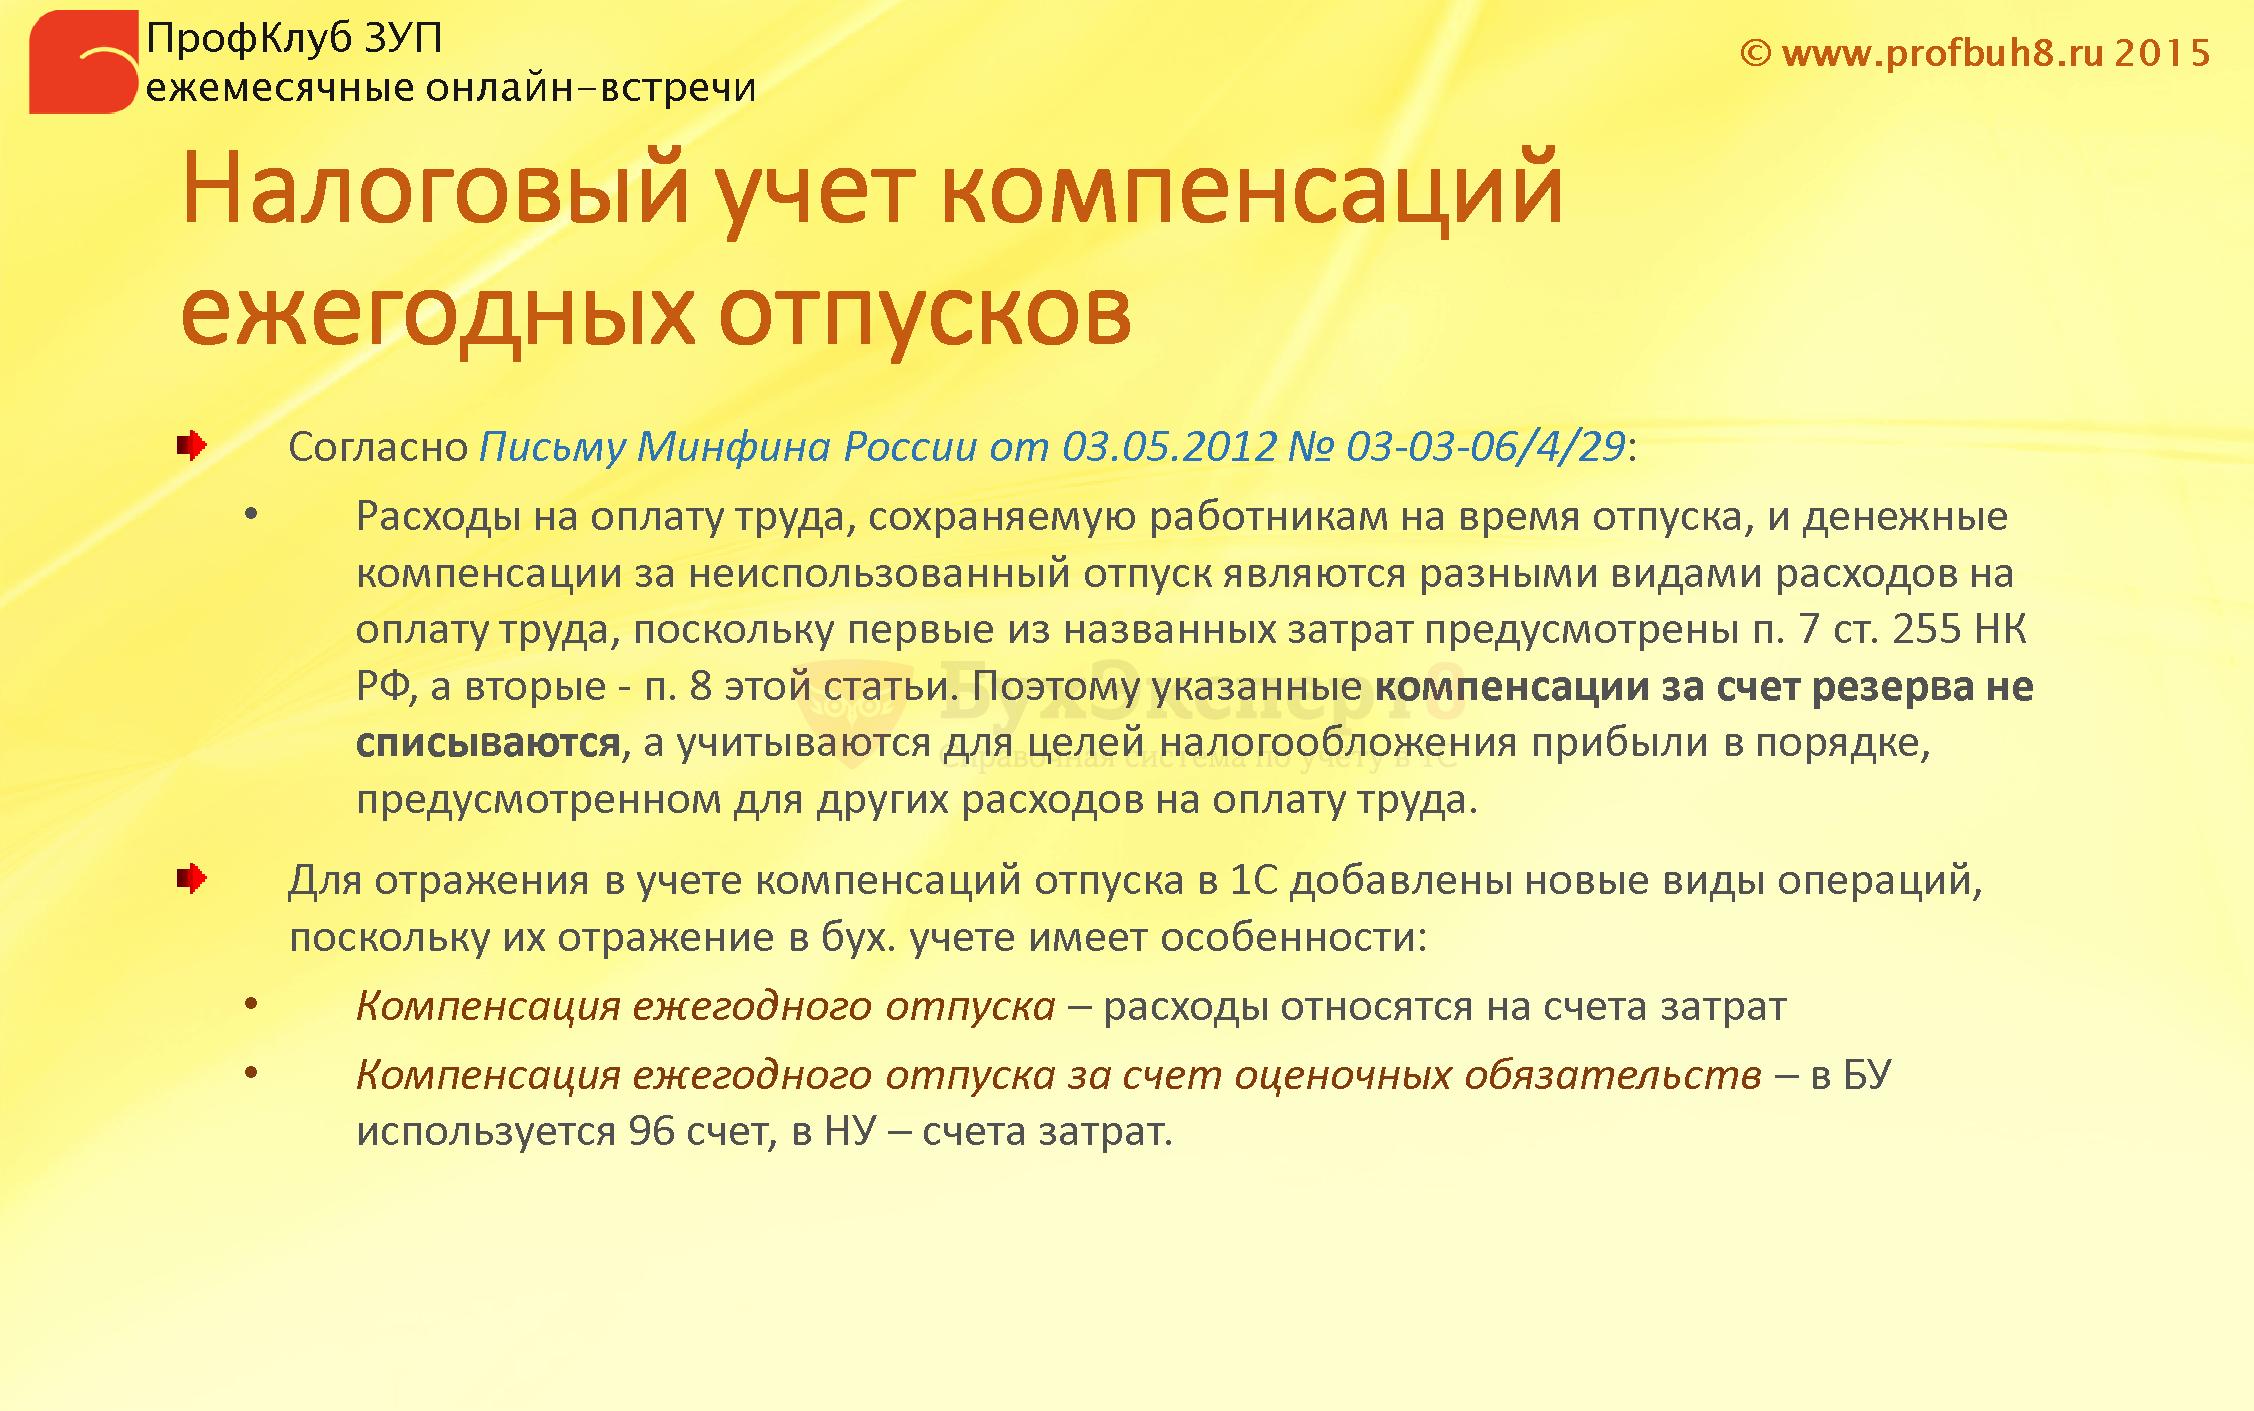 Налоговый учет компенсаций ежегодных отпусков Согласно Письму Минфина России от 03.05.2012 № 03-03-06/4/29: Расходы на оплату труда, сохраняемую работникам на время отпуска, и денежные компенсации за неиспользованный отпуск являются разными видами расходов на оплату труда, поскольку первые из названных затрат предусмотрены п. 7 ст. 255 НК РФ, а вторые - п. 8 этой статьи. Поэтому указанные компенсации за счет резерва не списываются, а учитываются для целей налогообложения прибыли в порядке, предусмотренном для других расходов на оплату труда. Для отражения в учете компенсаций отпуска в 1С добавлены новые виды операций, поскольку их отражение в бух. учете имеет особенности: Компенсация ежегодного отпуска – расходы относятся на счета затрат Компенсация ежегодного отпуска за счет оценочных обязательств – в БУ используется 96 счет, в НУ – счета затрат.